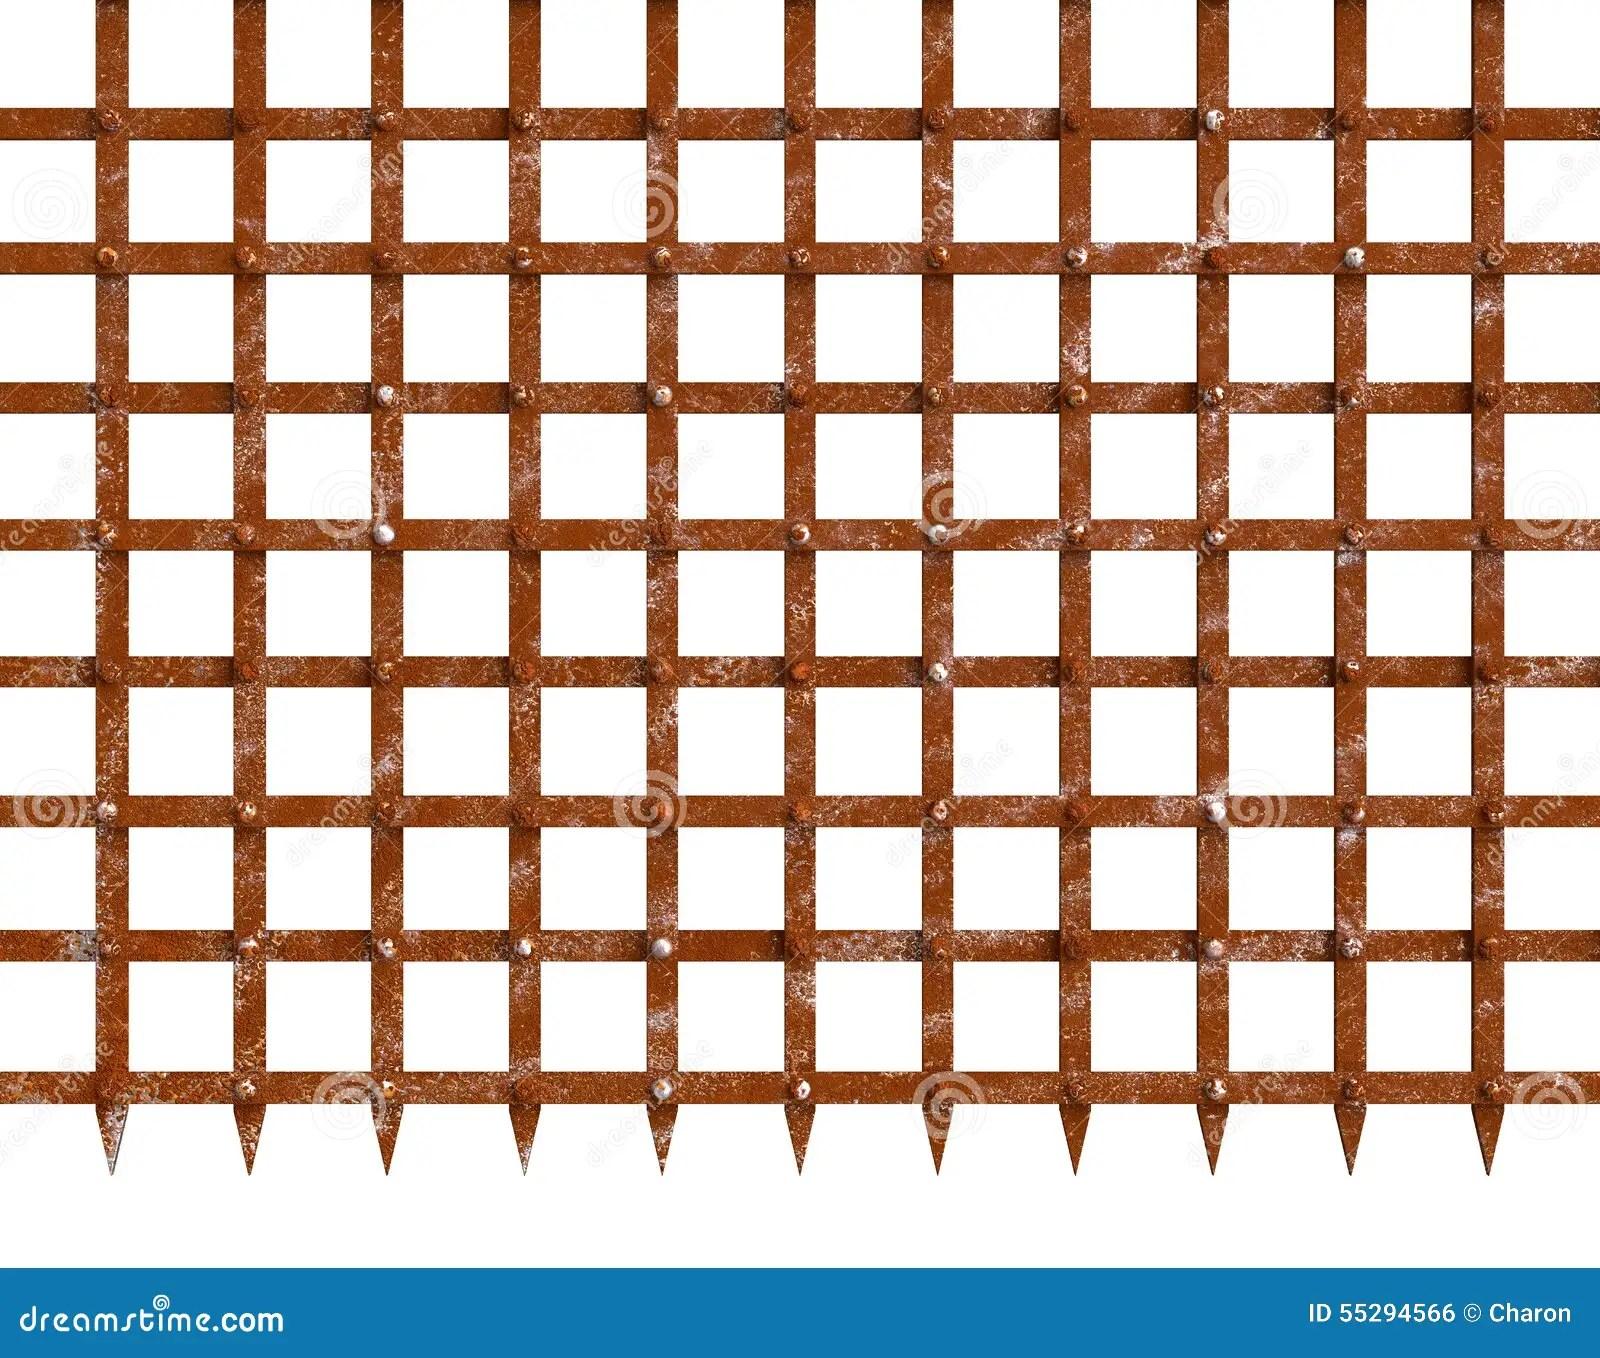 Rust Iron Gate Spiky Bottom Mesh Stock Photo Image 55294566